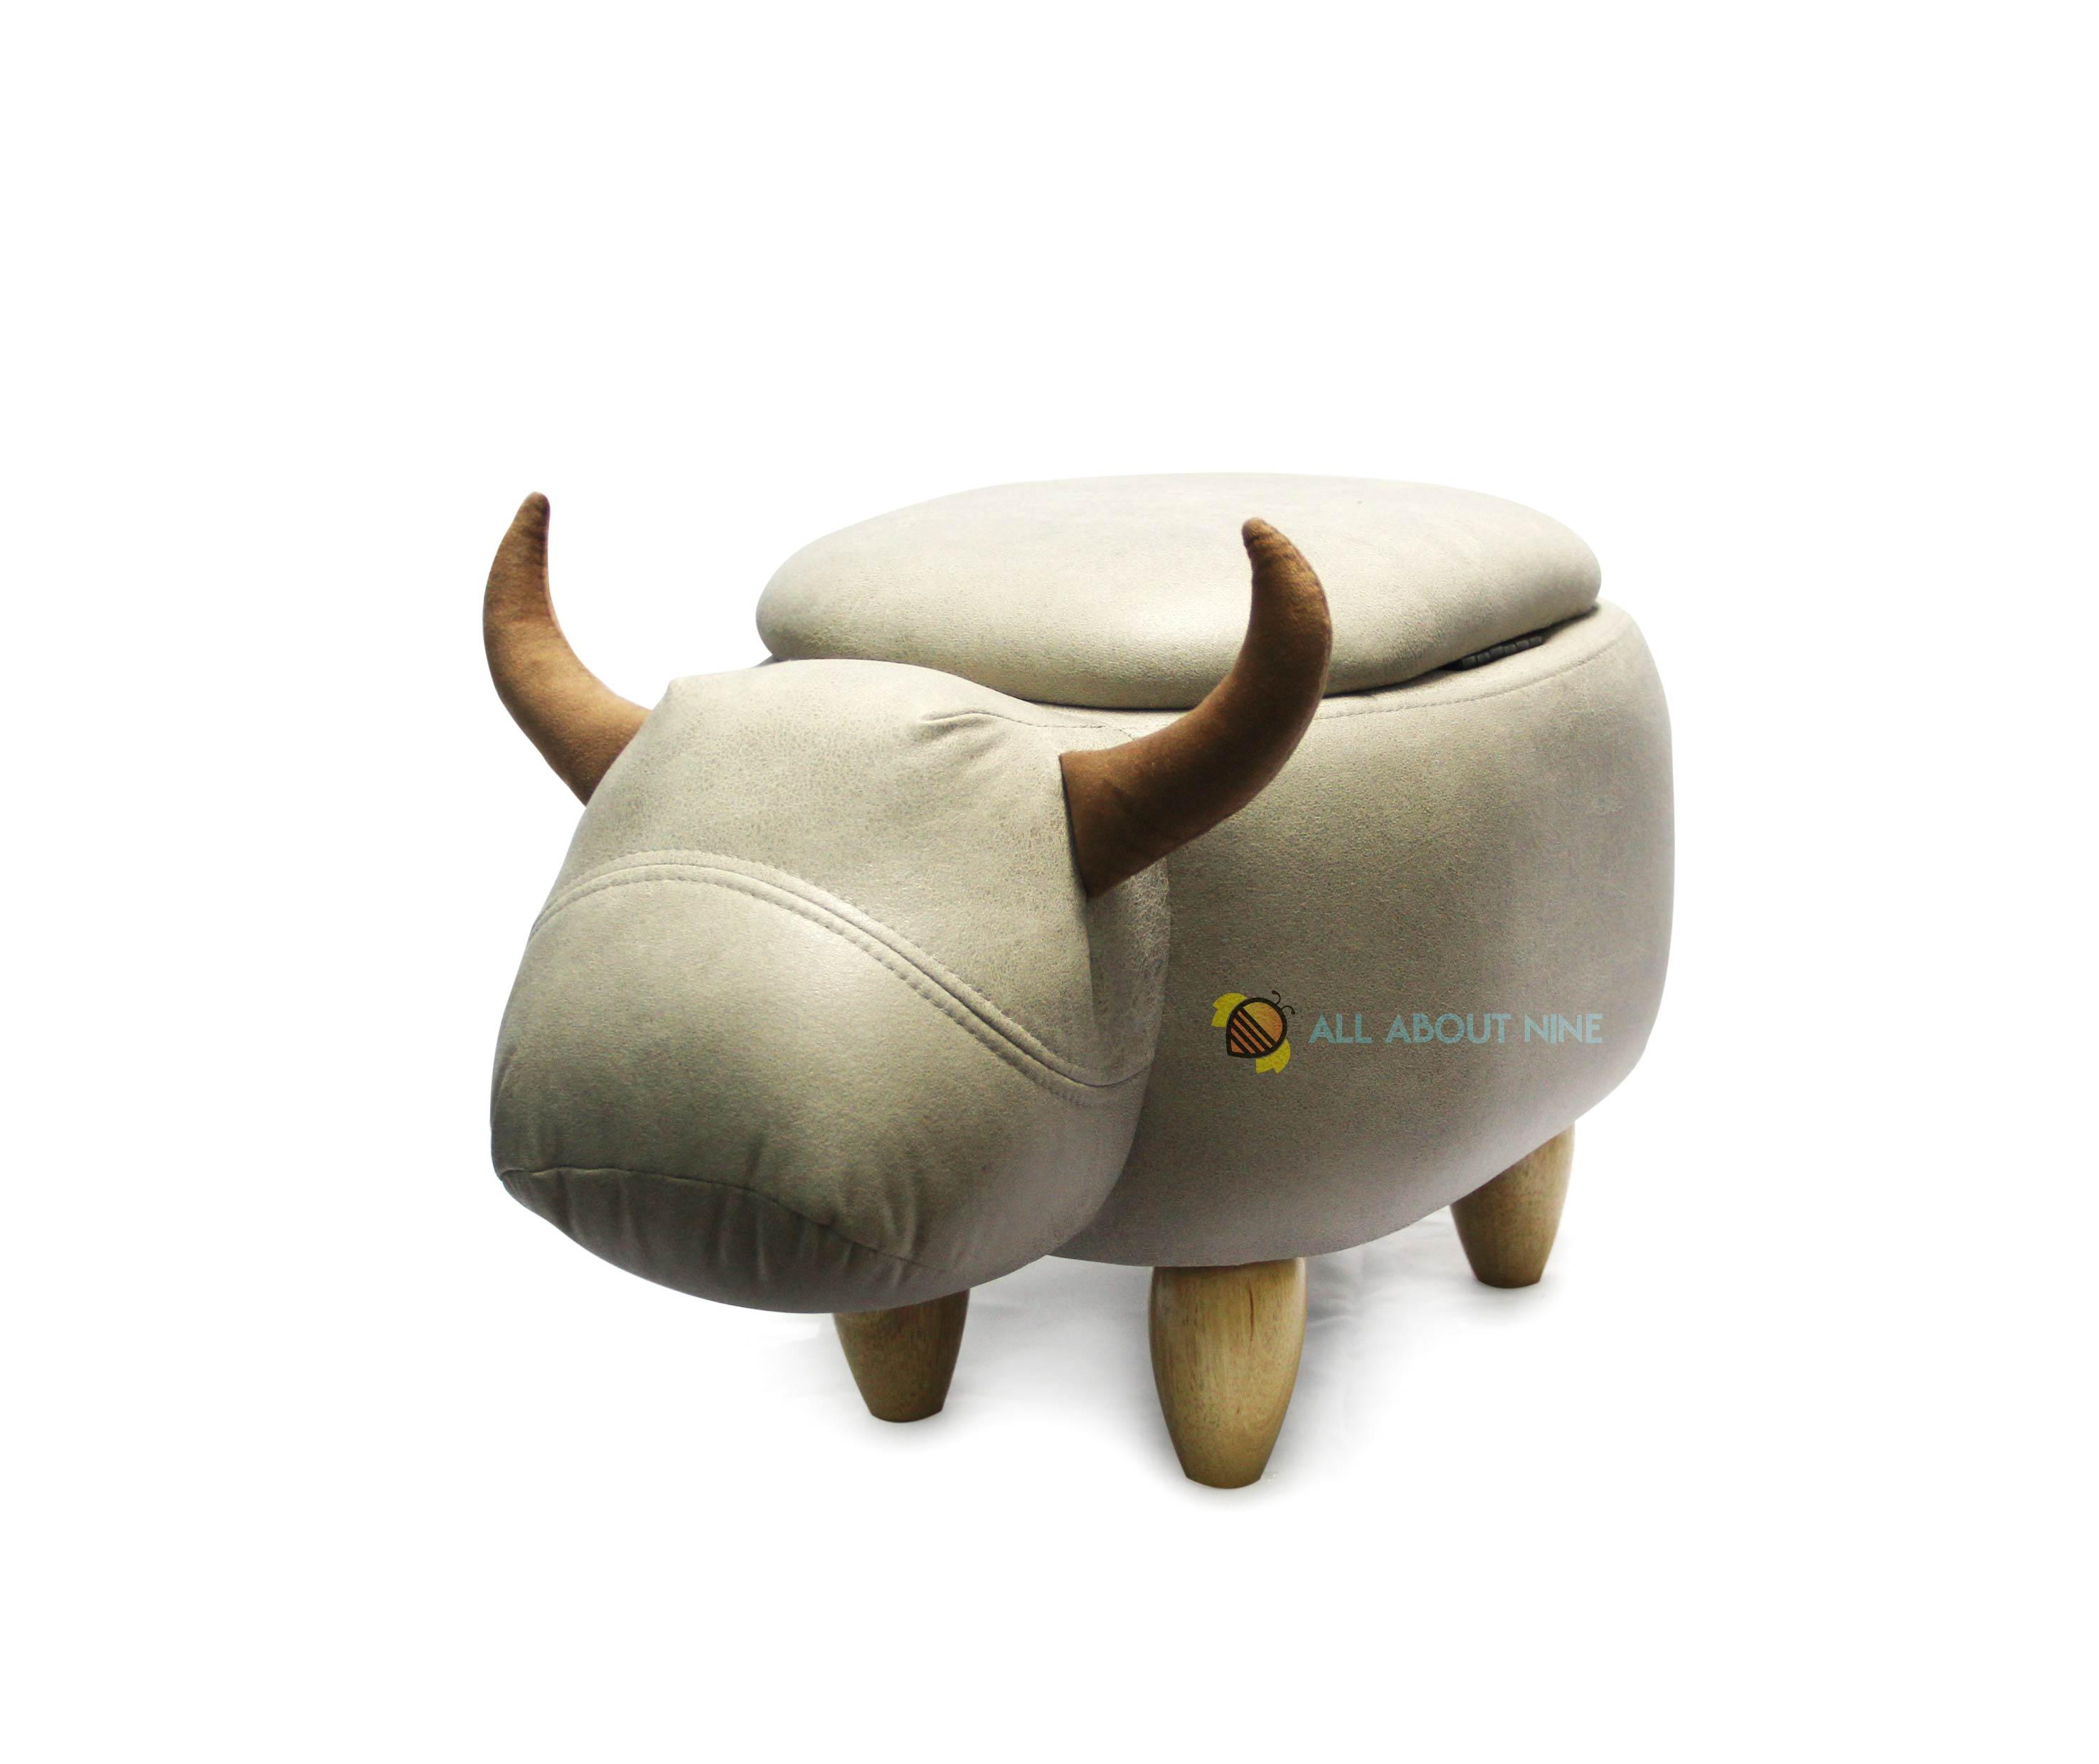 เก้าอี้เก็บของได้รูปวัว สีเทา